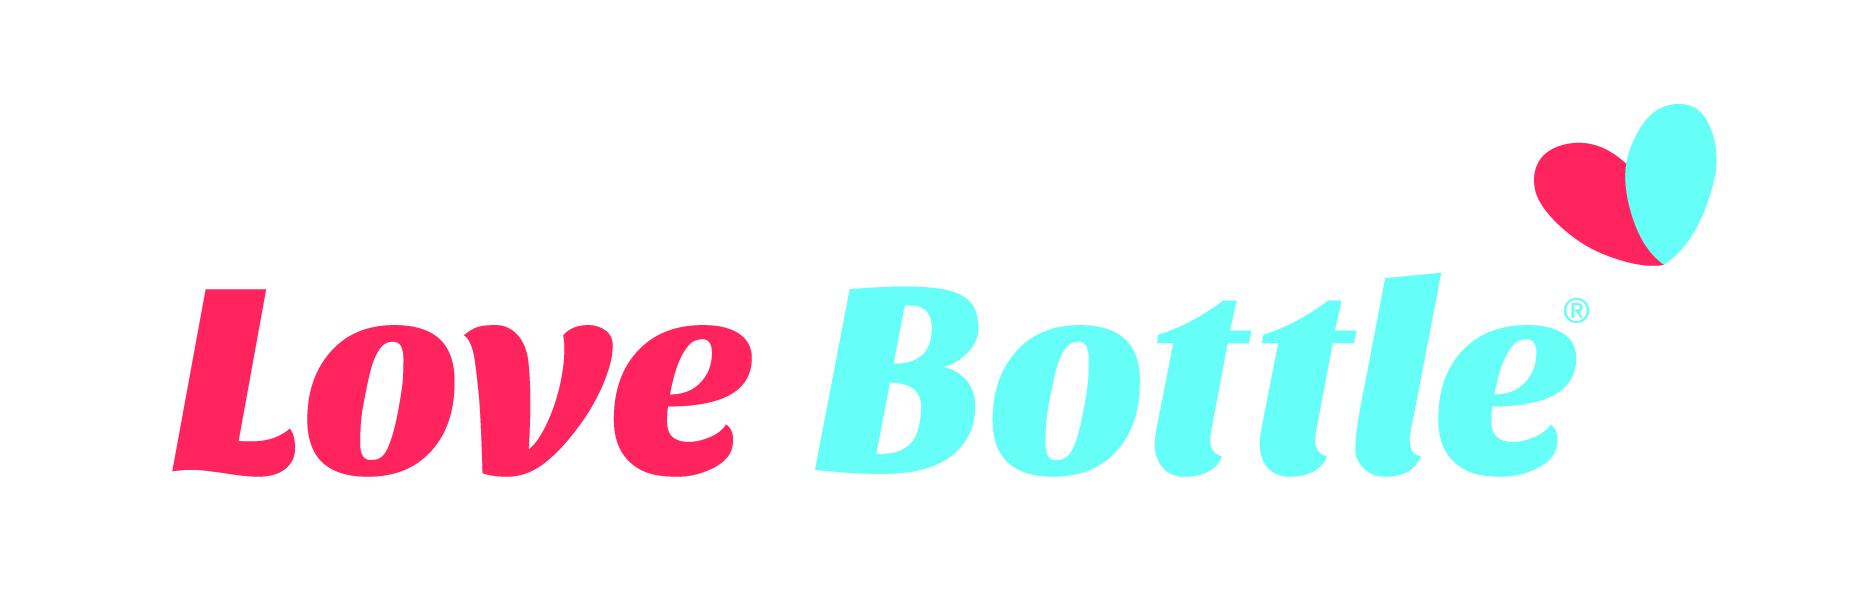 LoveBottle_New_Logo_CMYK.jpg